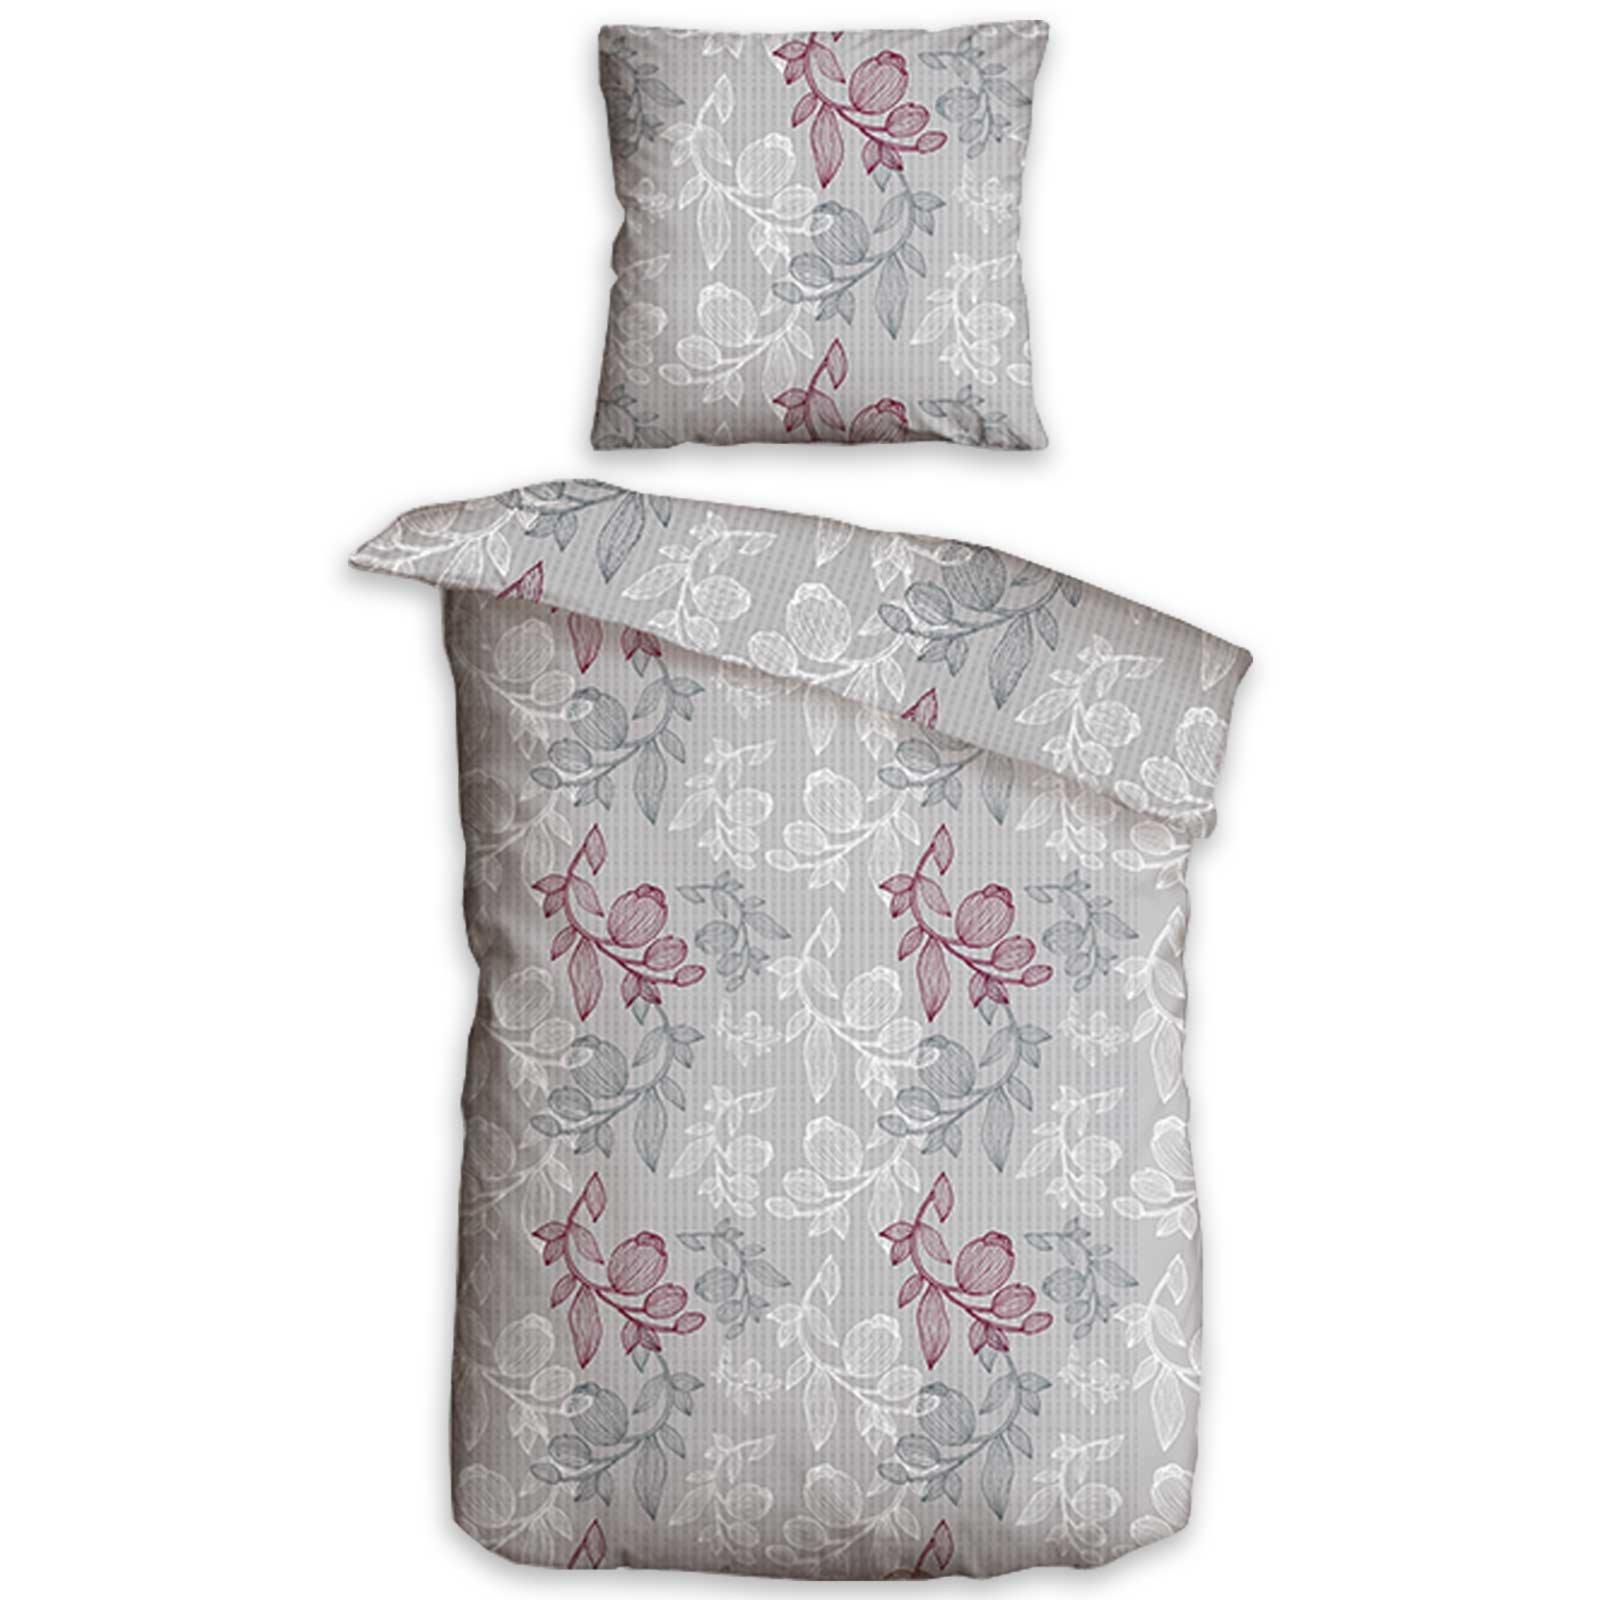 Bettwäsche 155x220 Mädchen Bettwäsche Blume Kissenbezug 40x60 Cm